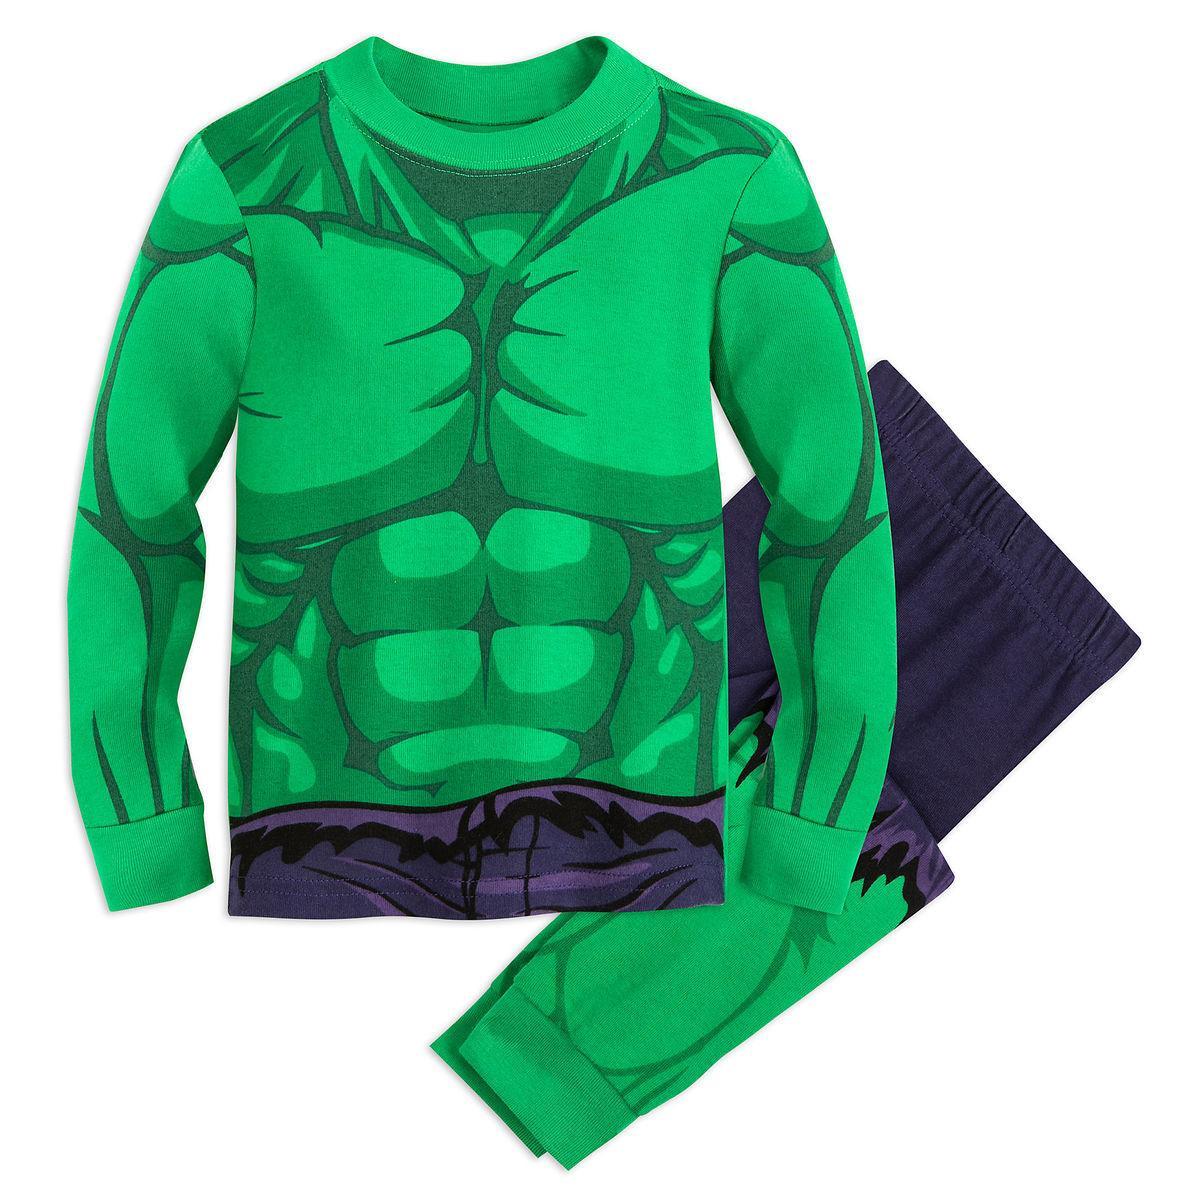 Пижама Дисней ХАЛК для мальчиков 10 лет / Hulk Disney